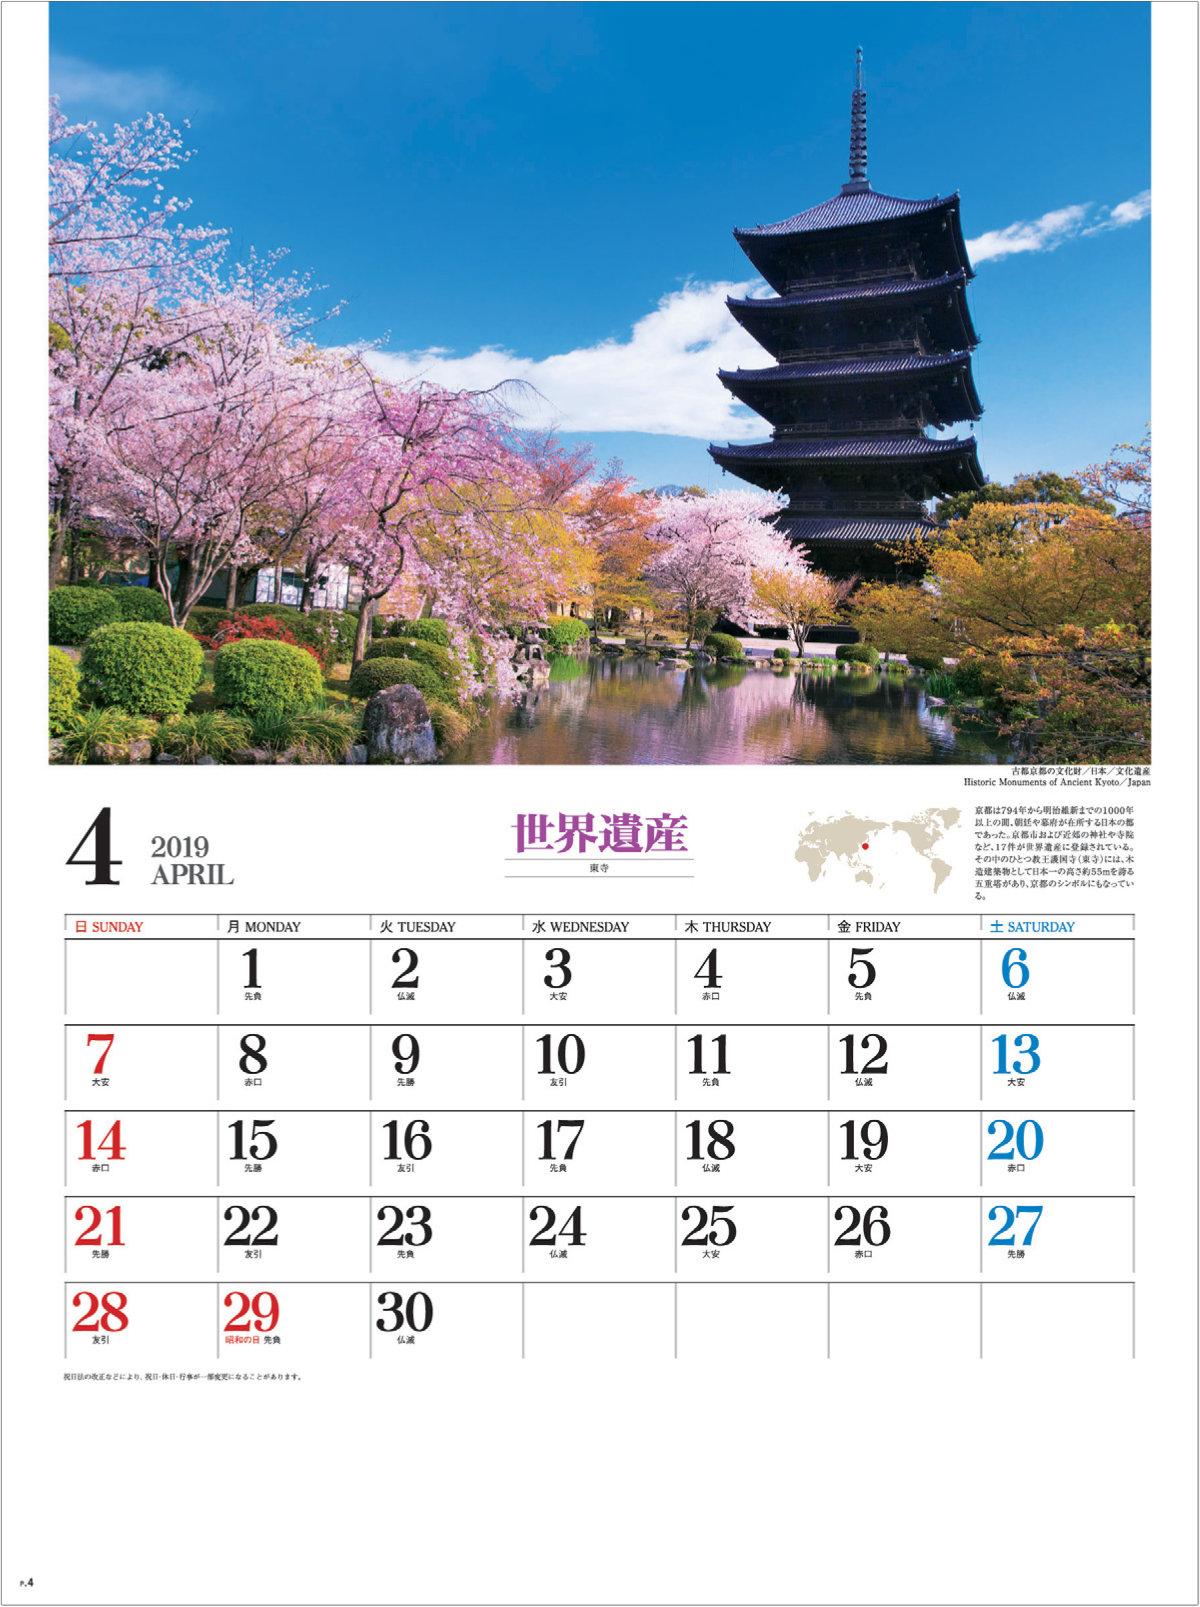 画像:京都の文化財 ユネスコ世界遺産 2019年カレンダー